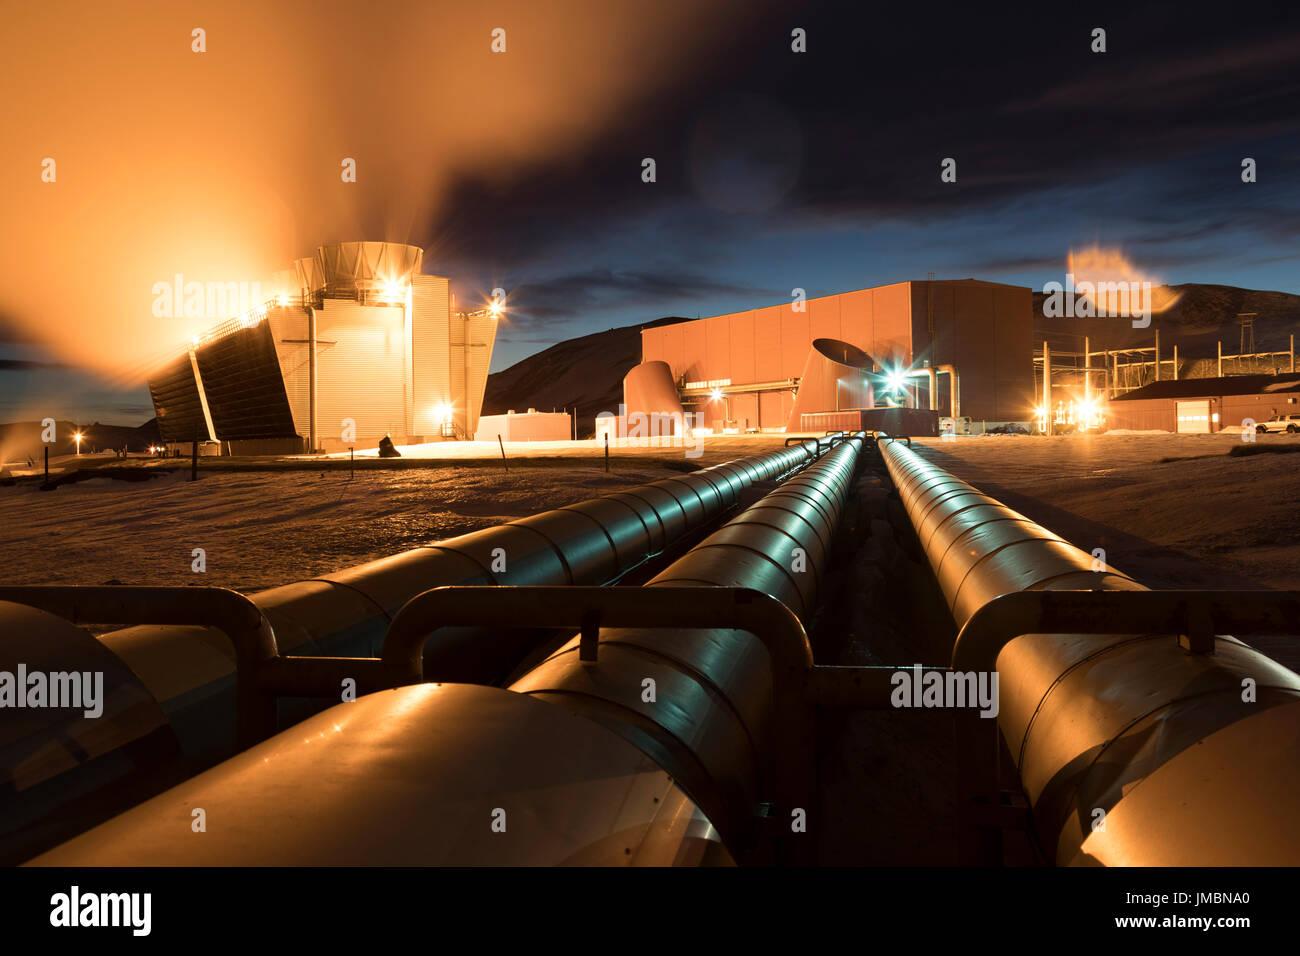 Géo-thermique krafla power plant, de l'islande Photo Stock